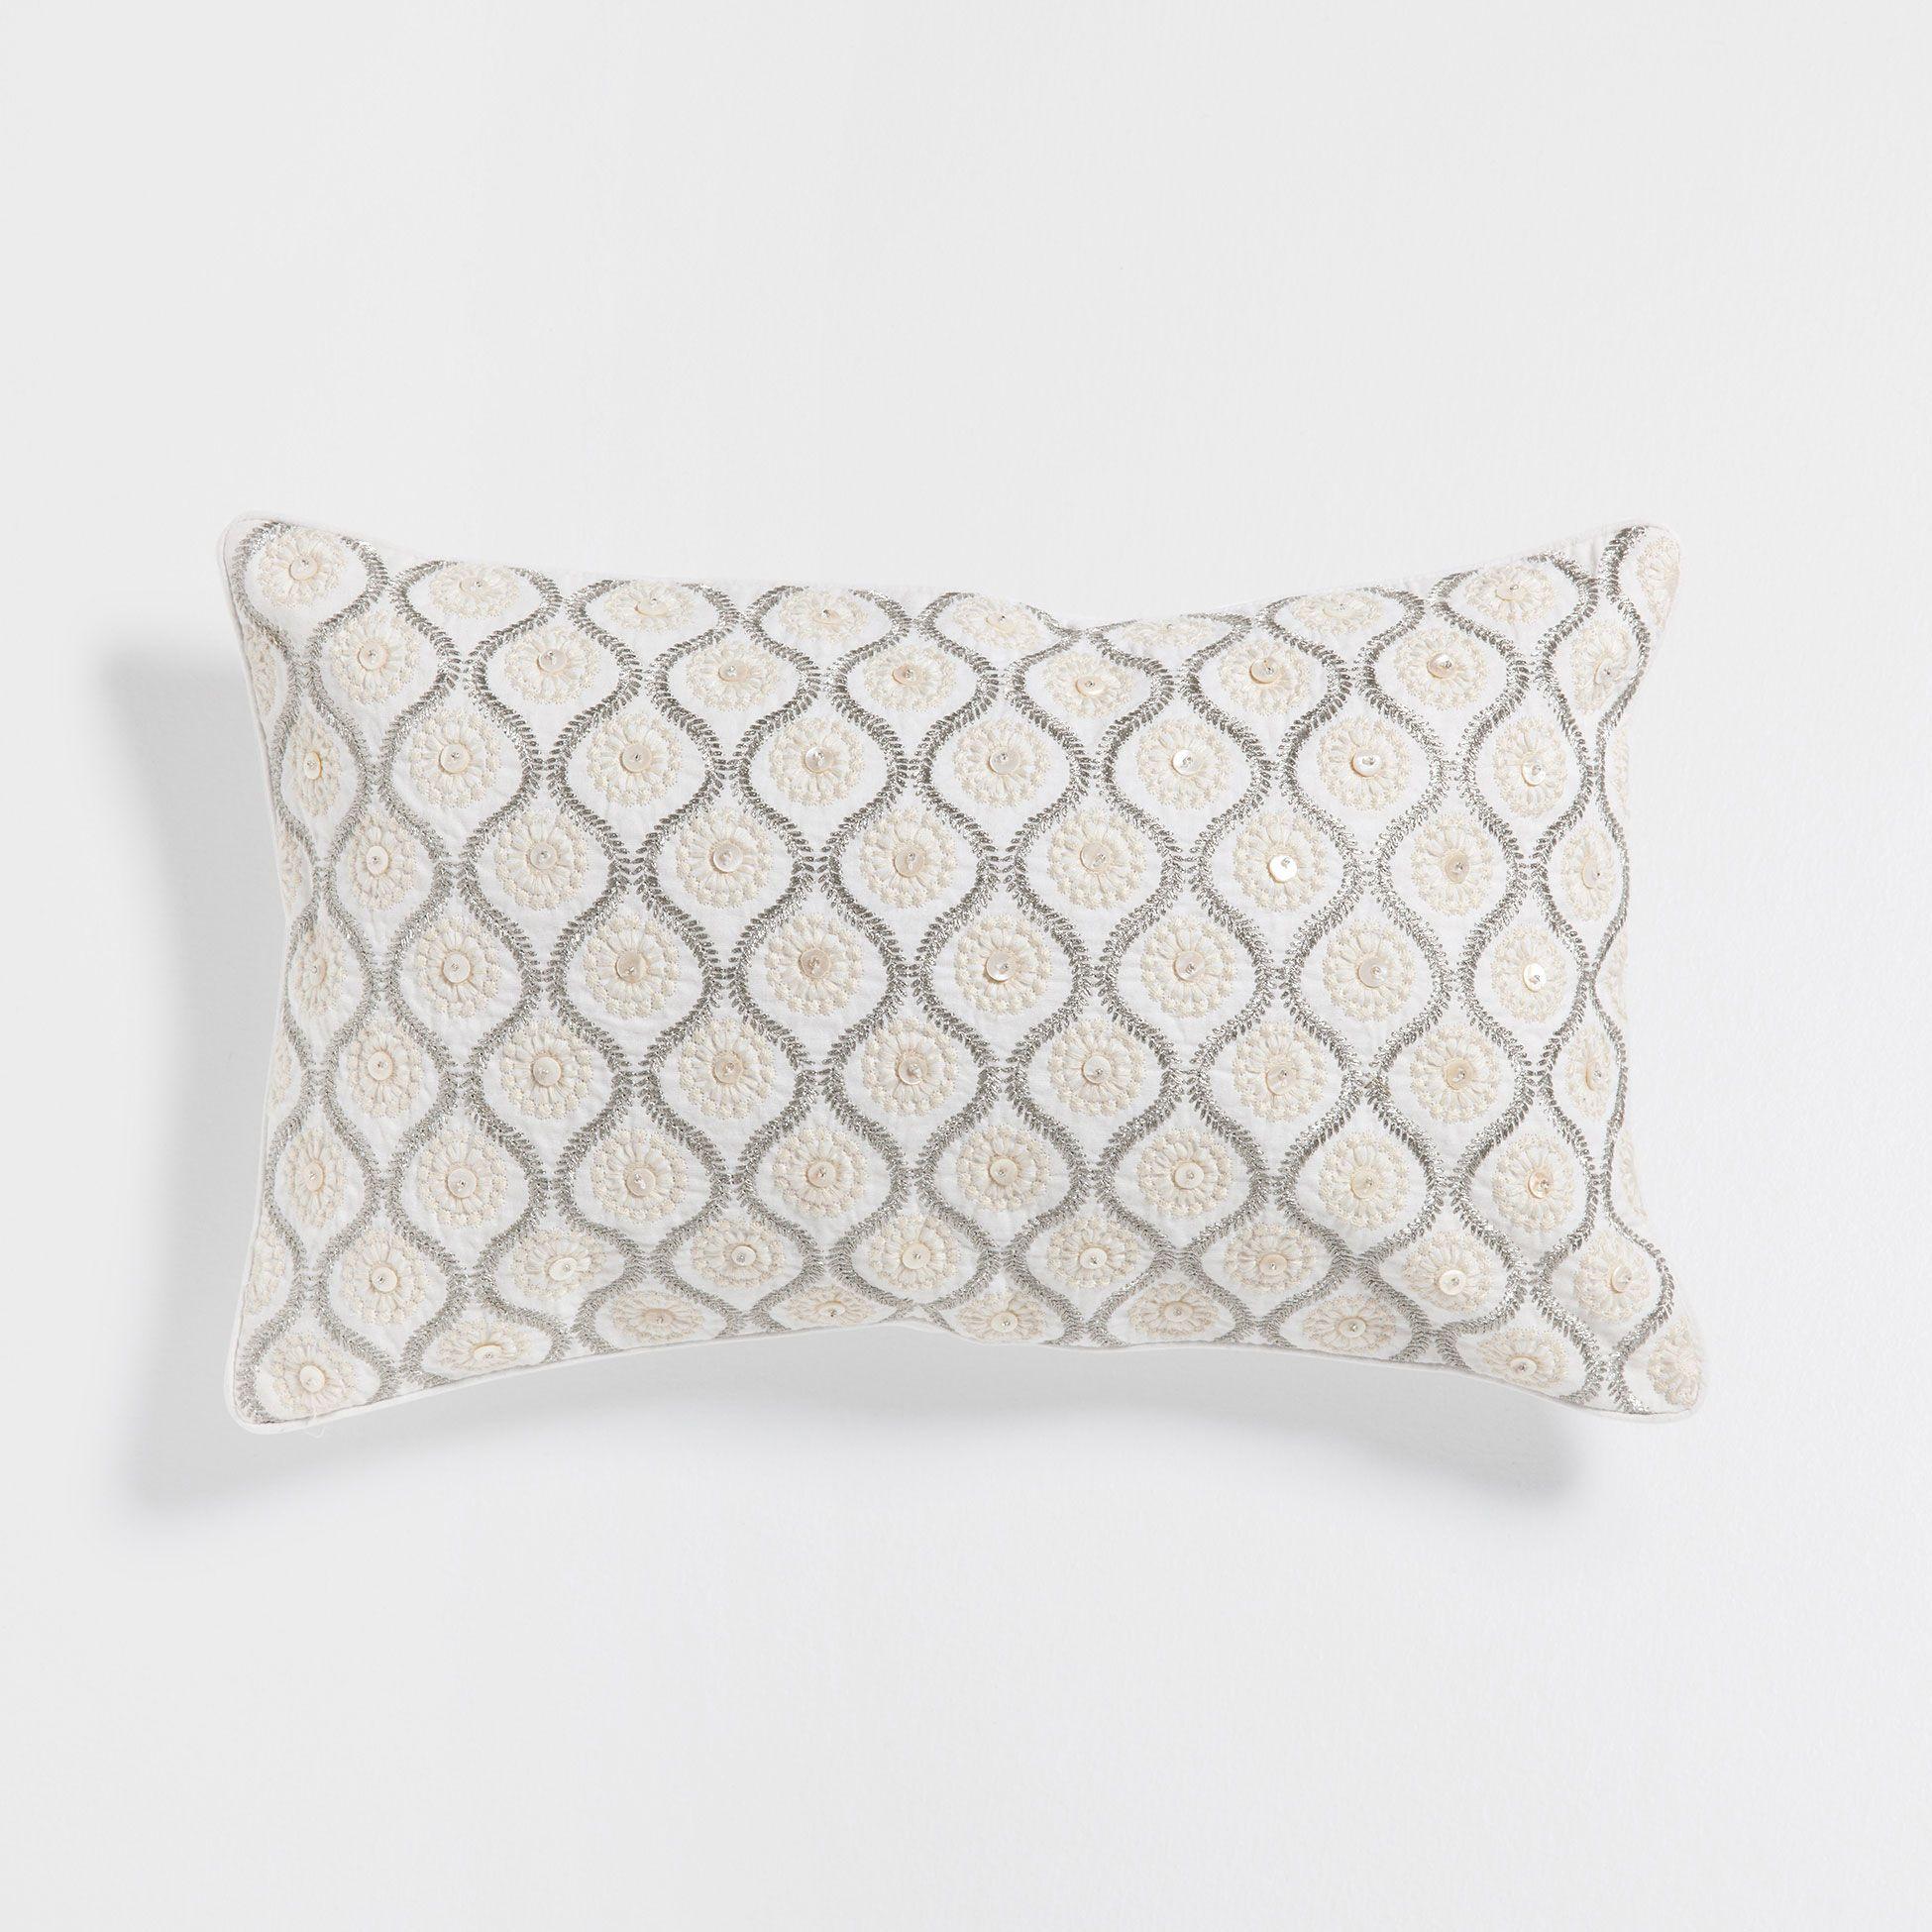 Kissen Mit Stickerei Und Applikationen Embroidered Cushions